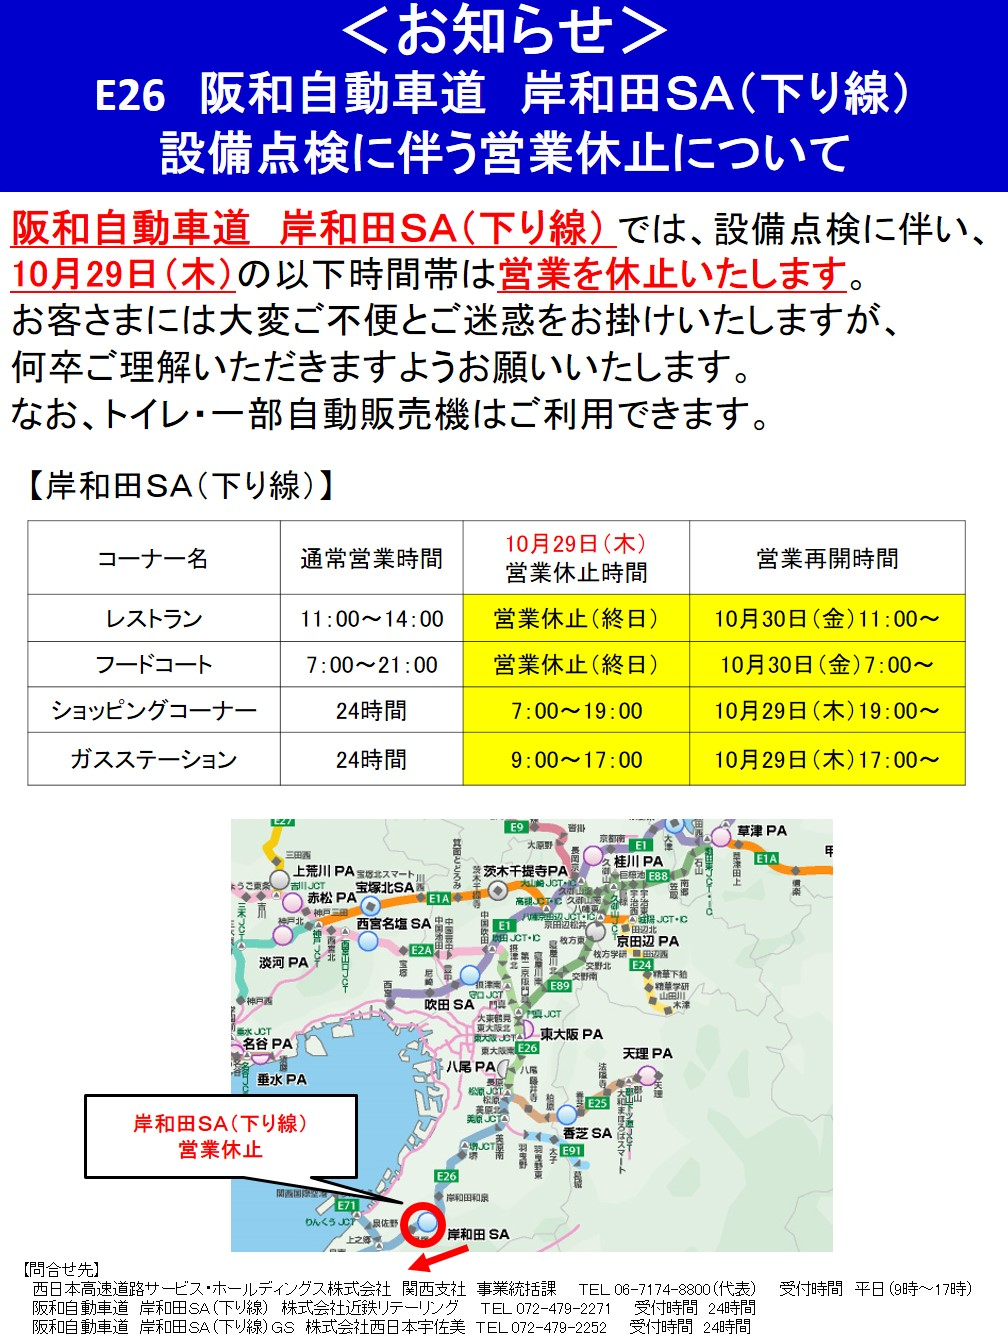 阪和自動車道 岸和田SA下り線 設備点検に伴う営業休止について<br>2020年10月29日